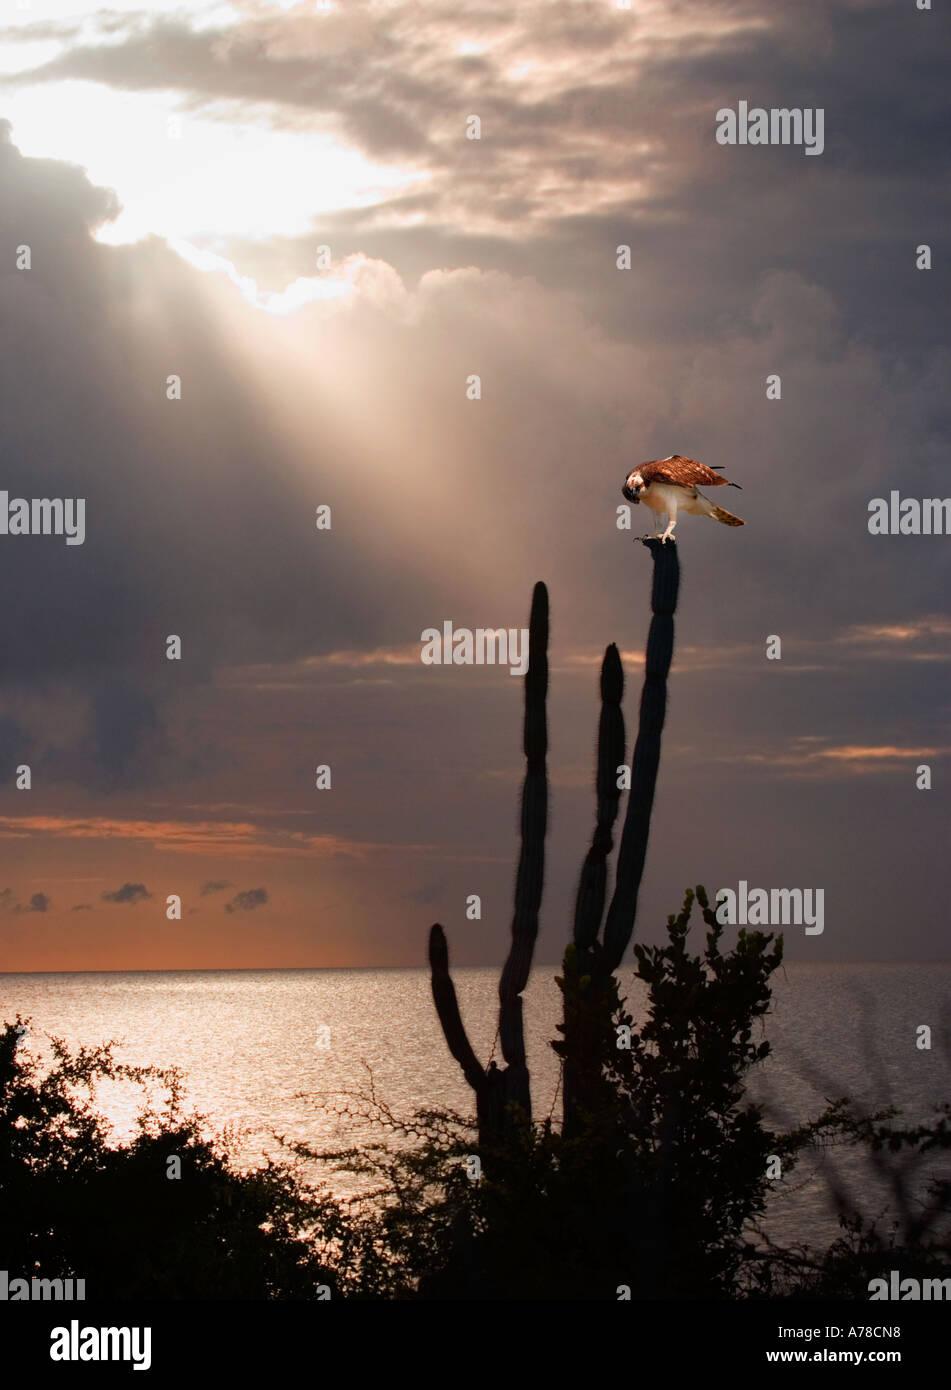 Fischadler auf Kaktus im karibischen Sonnenuntergang sitzen Stockbild